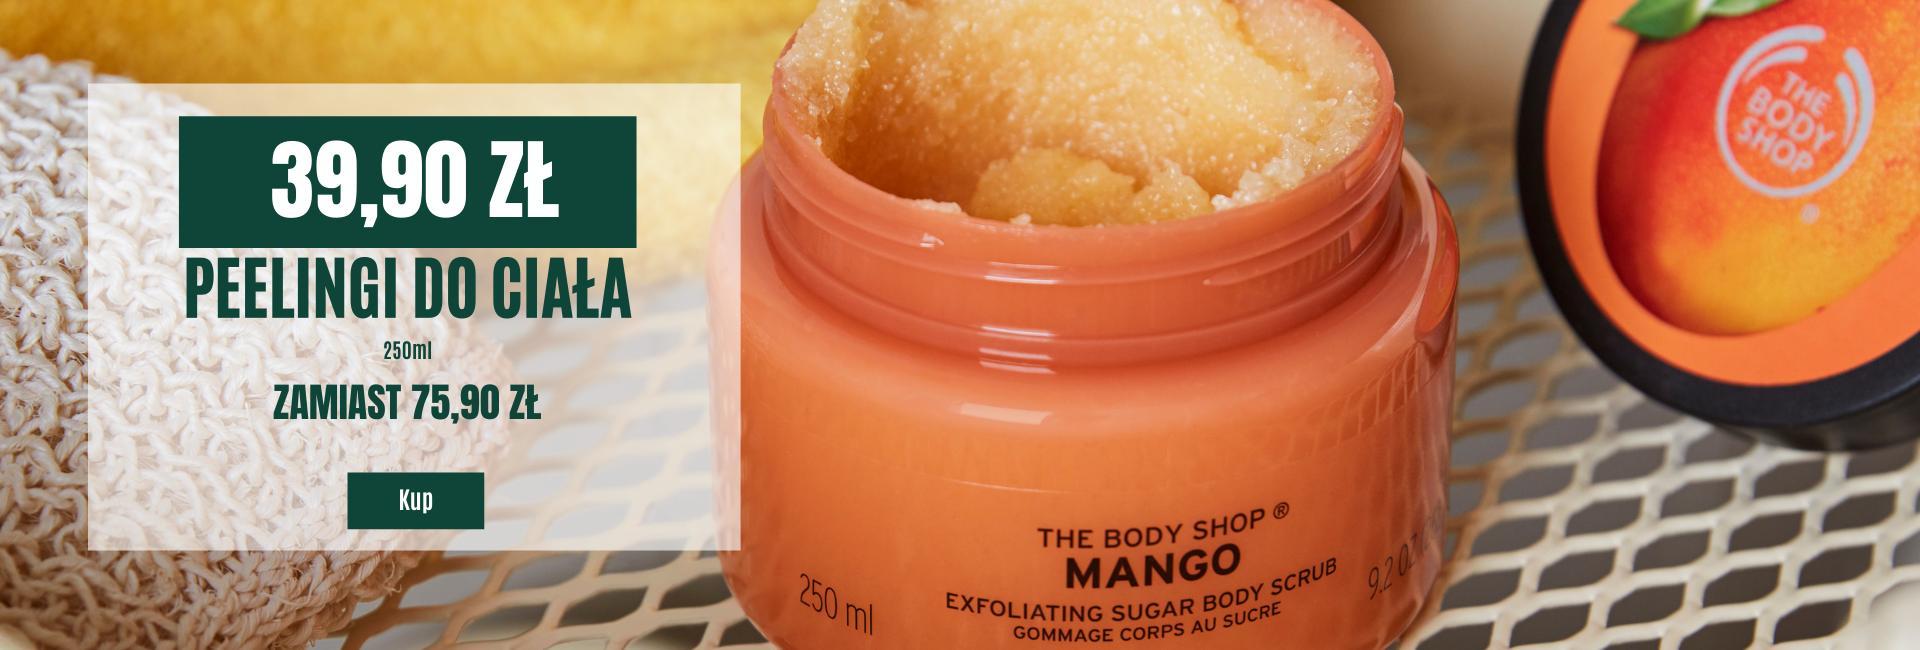 The Body Shop: peelingi do ciała za 39,90 zł